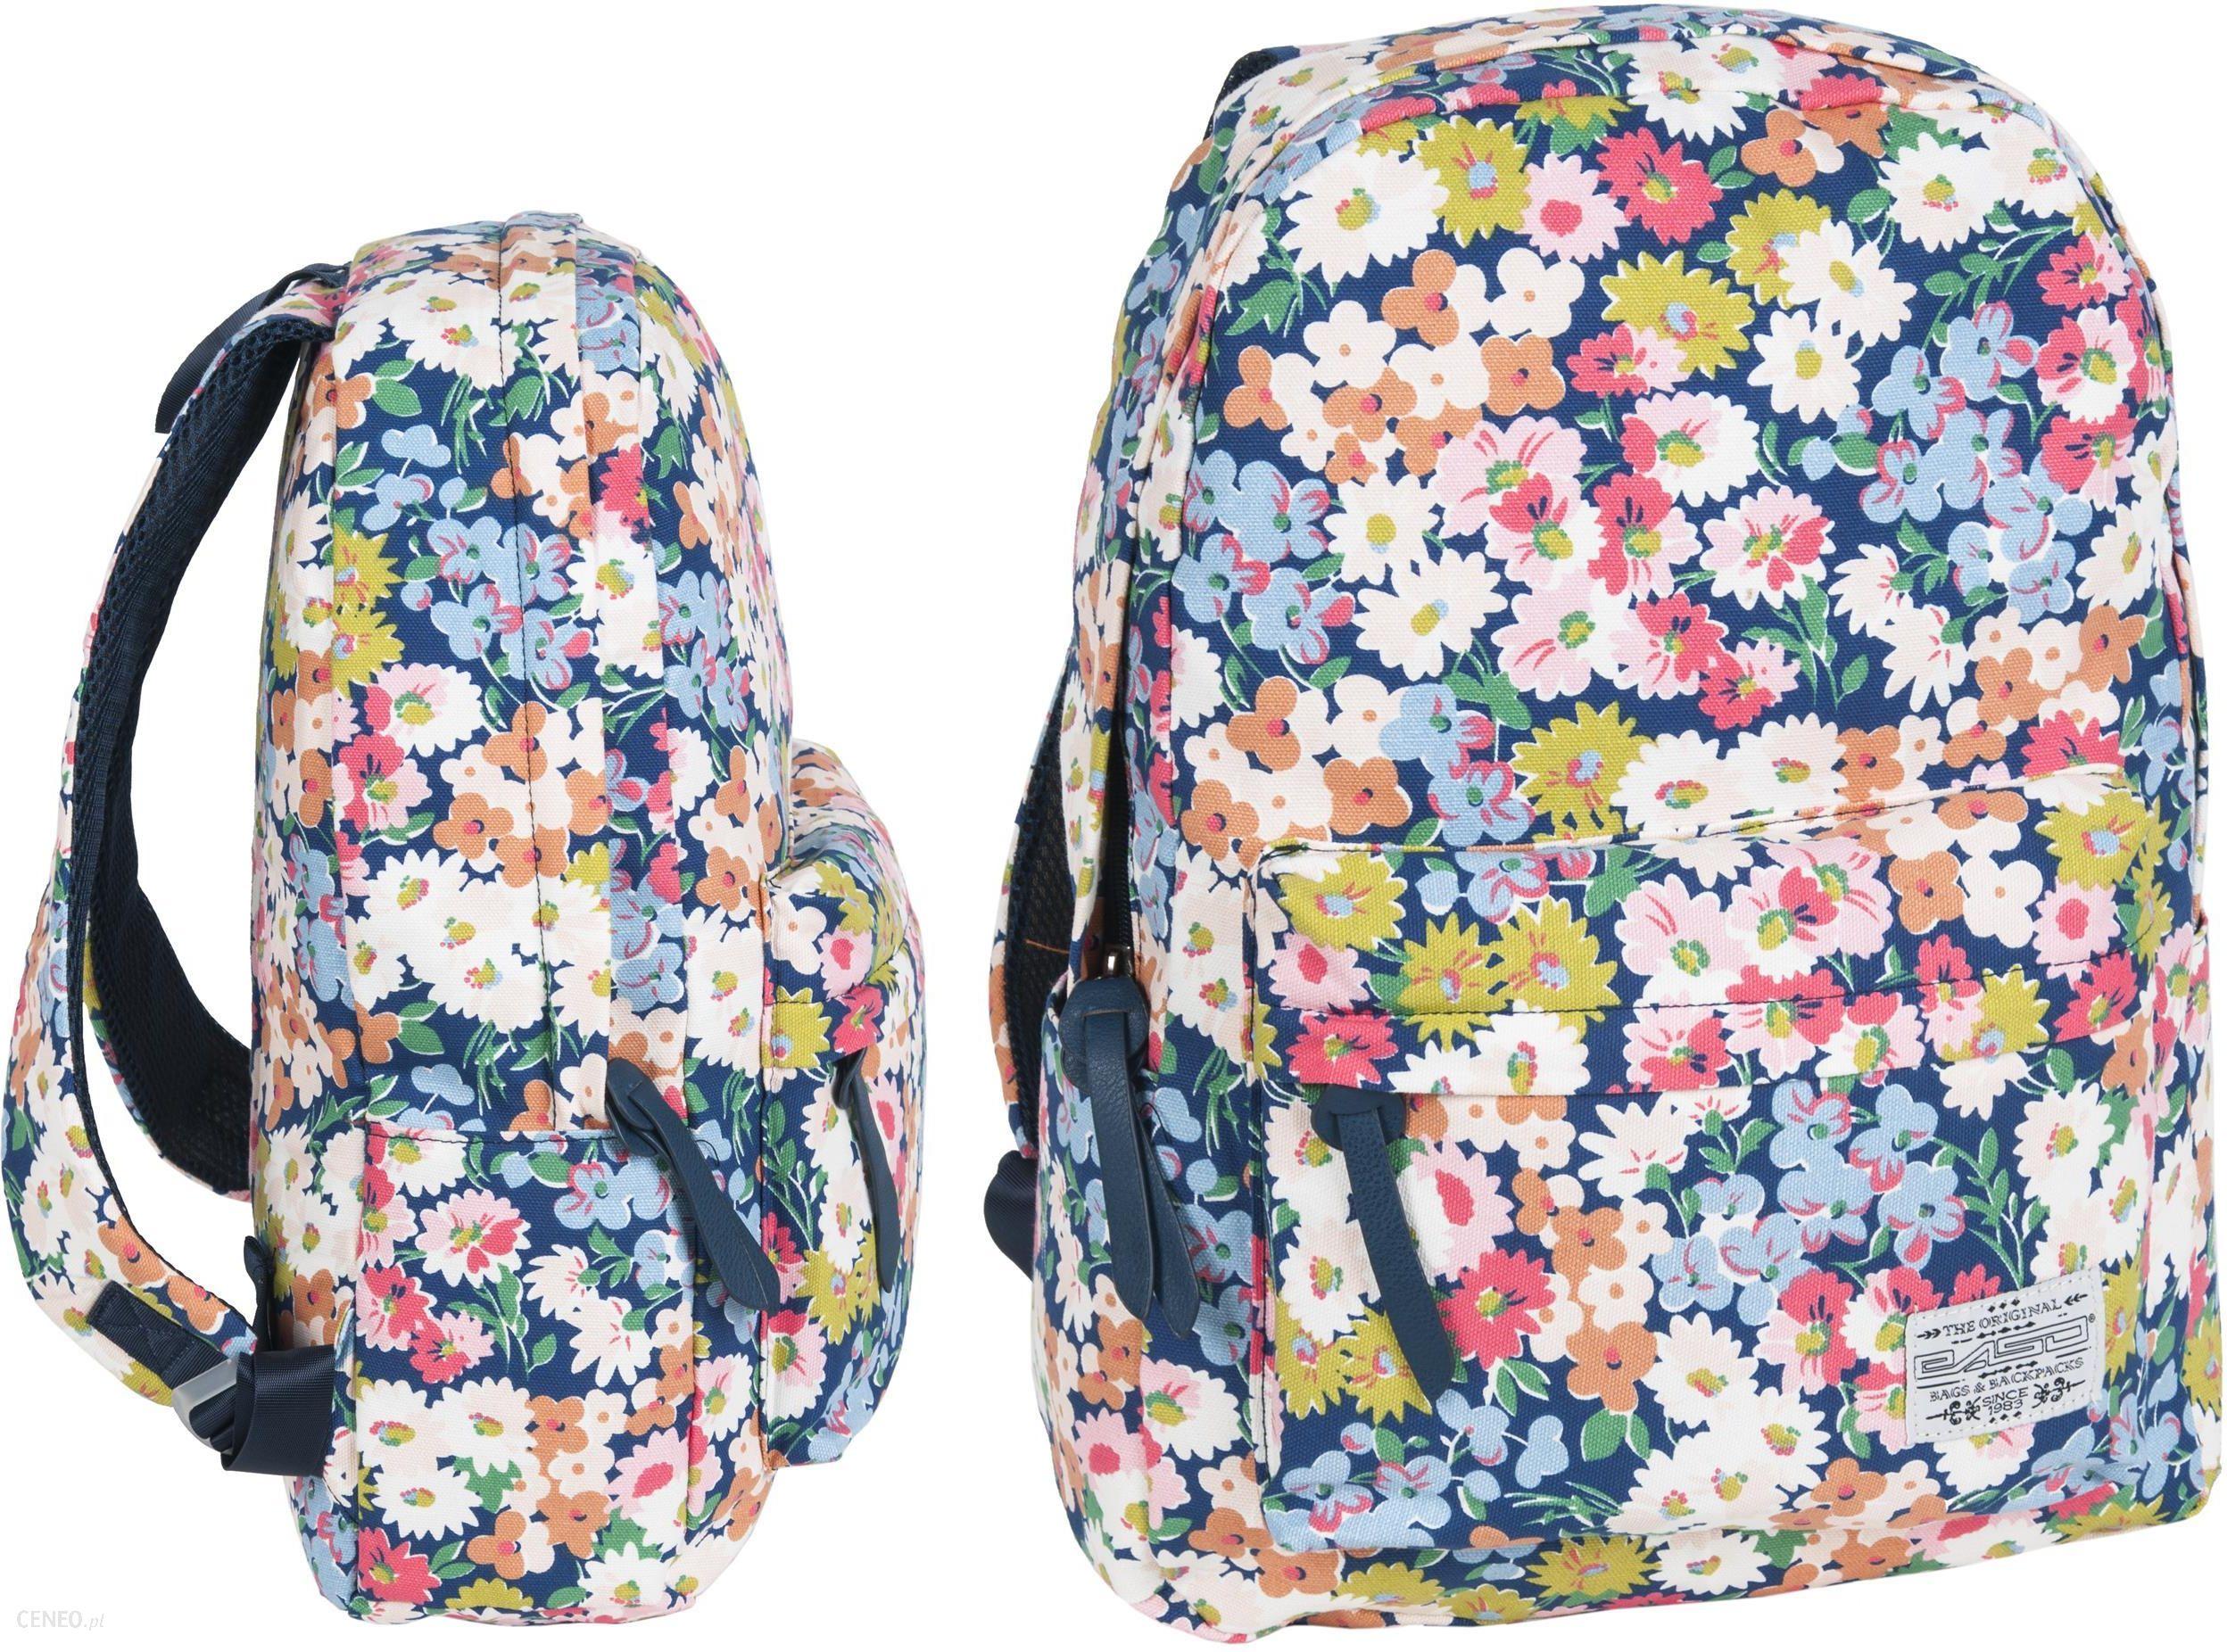 5e3522dcd093c Paso Plecak Vintage W Kwiaty Retro - Ceny i opinie - Ceneo.pl